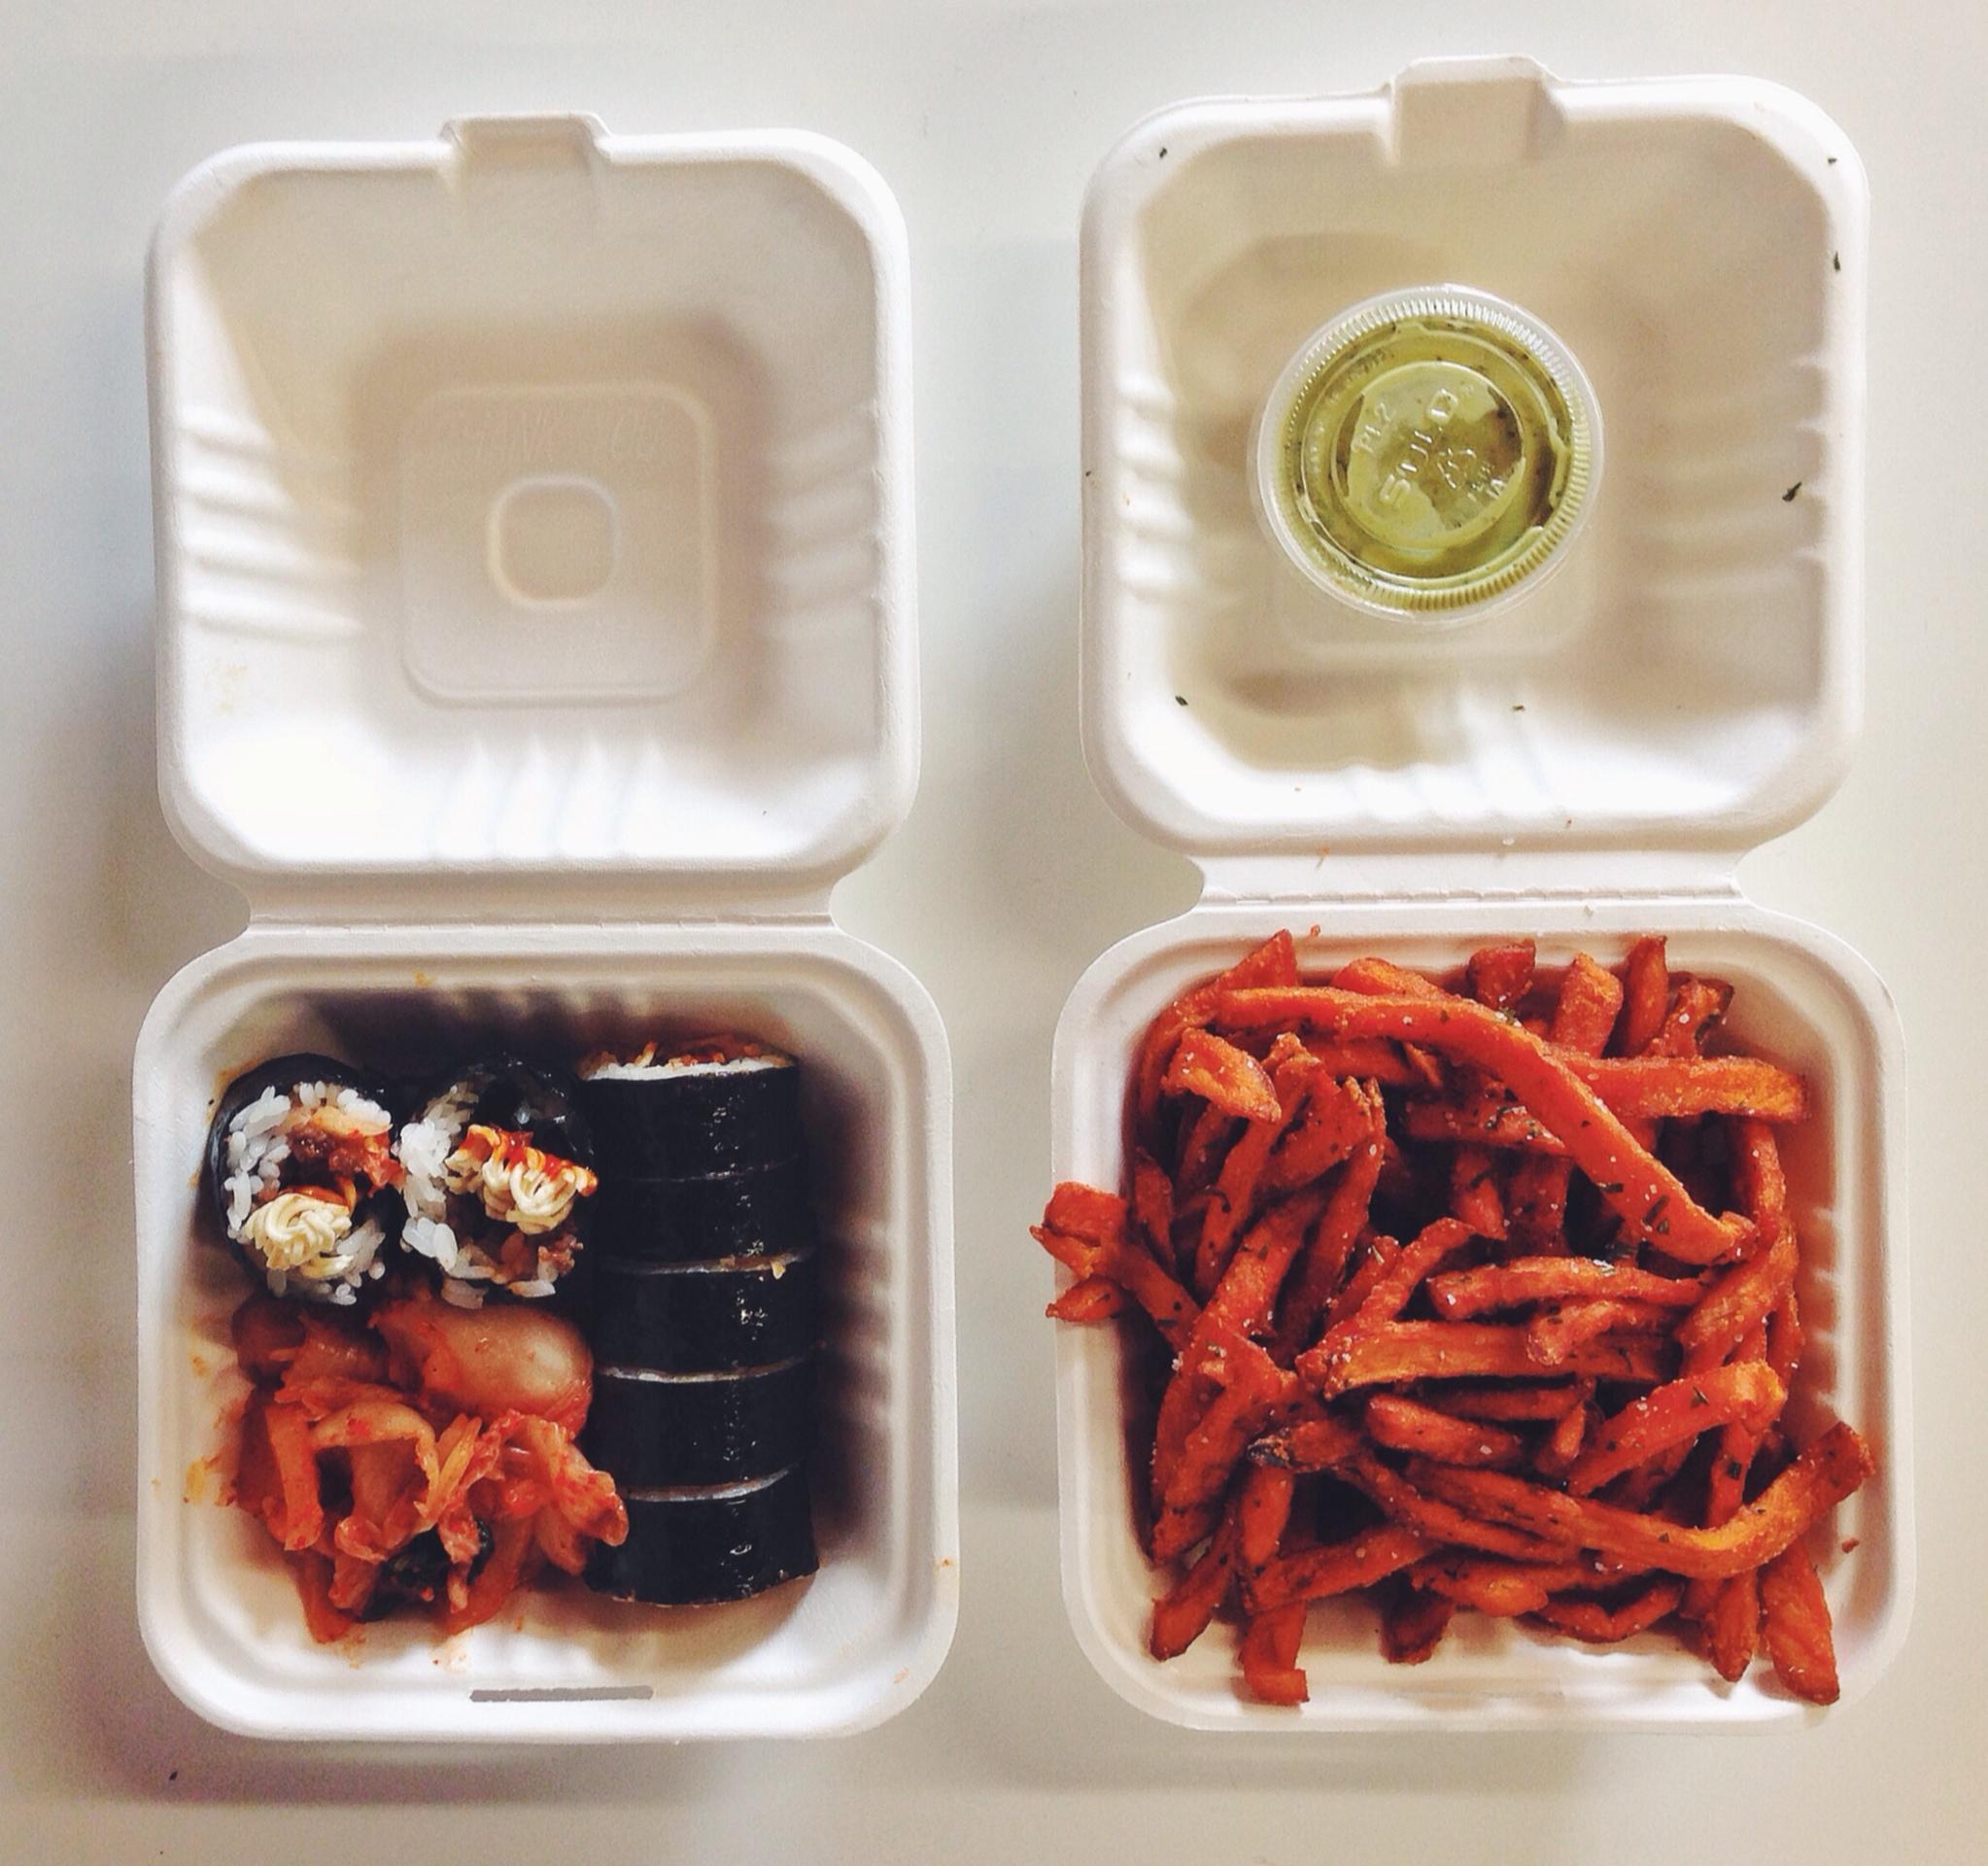 What lunch breaks look like now.